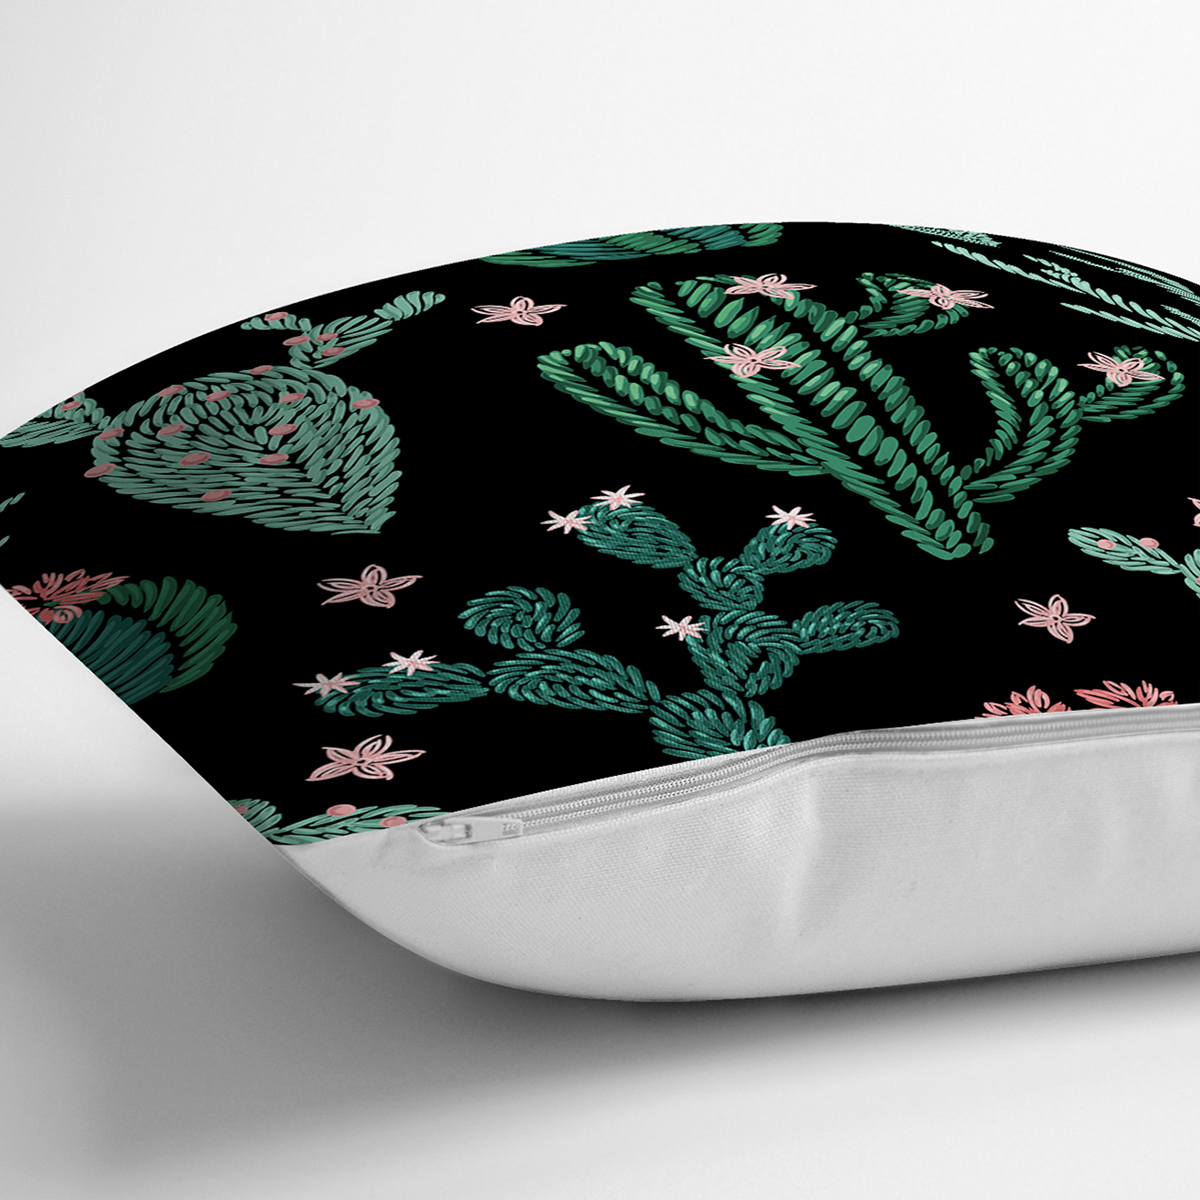 Siyah Zemin Üzerinde Yeşil Kaktüs Desenli Yastık Kırlent Kılıfı Realhomes